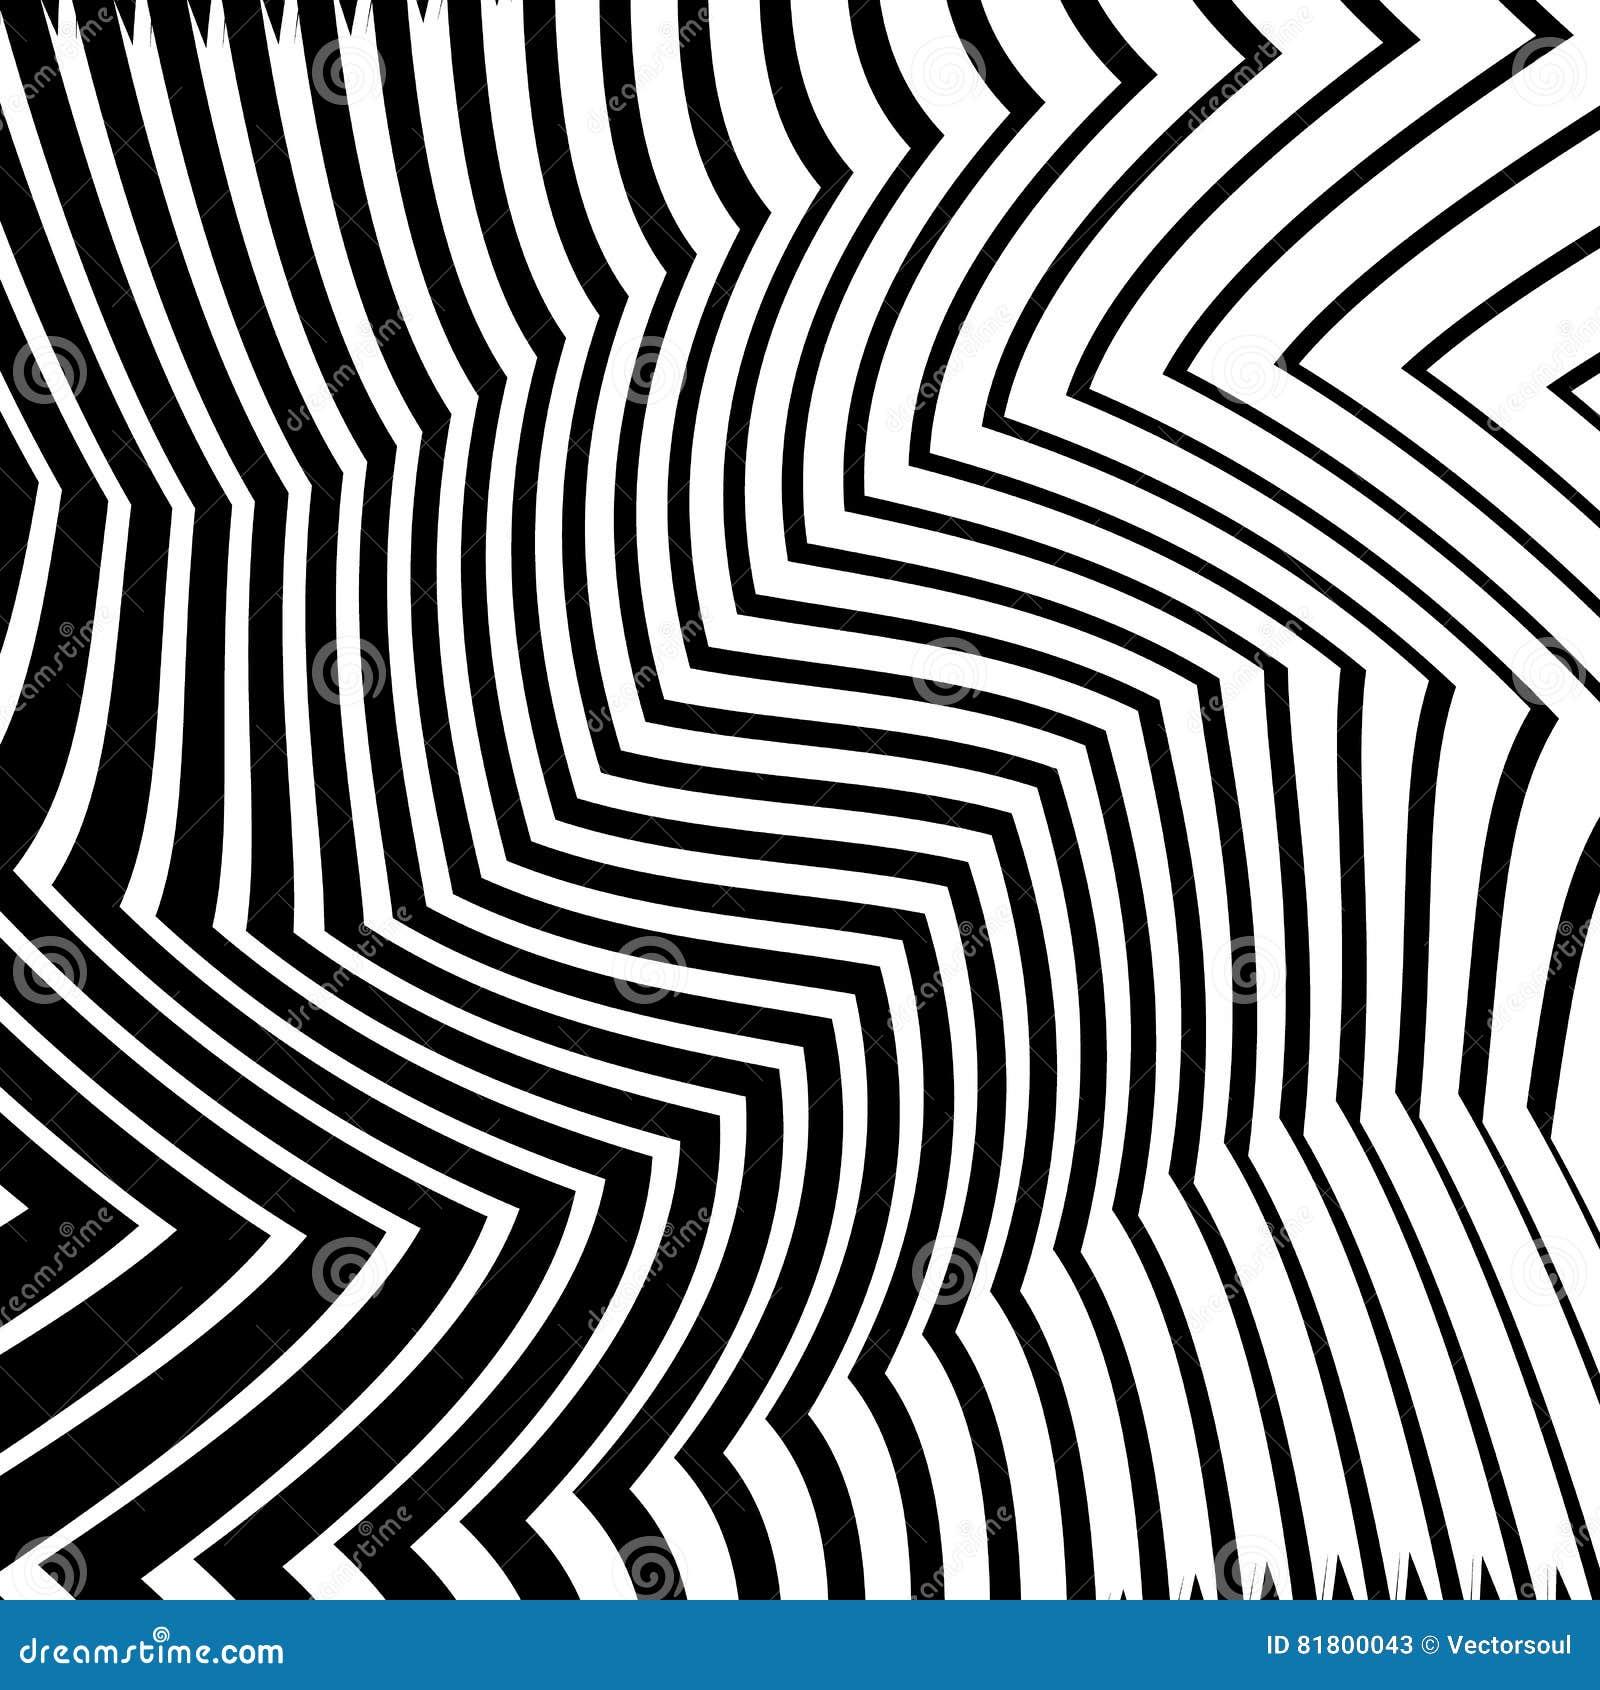 Линии сложной формы предпосылка, картина, абстрактный комплект элемента дизайна